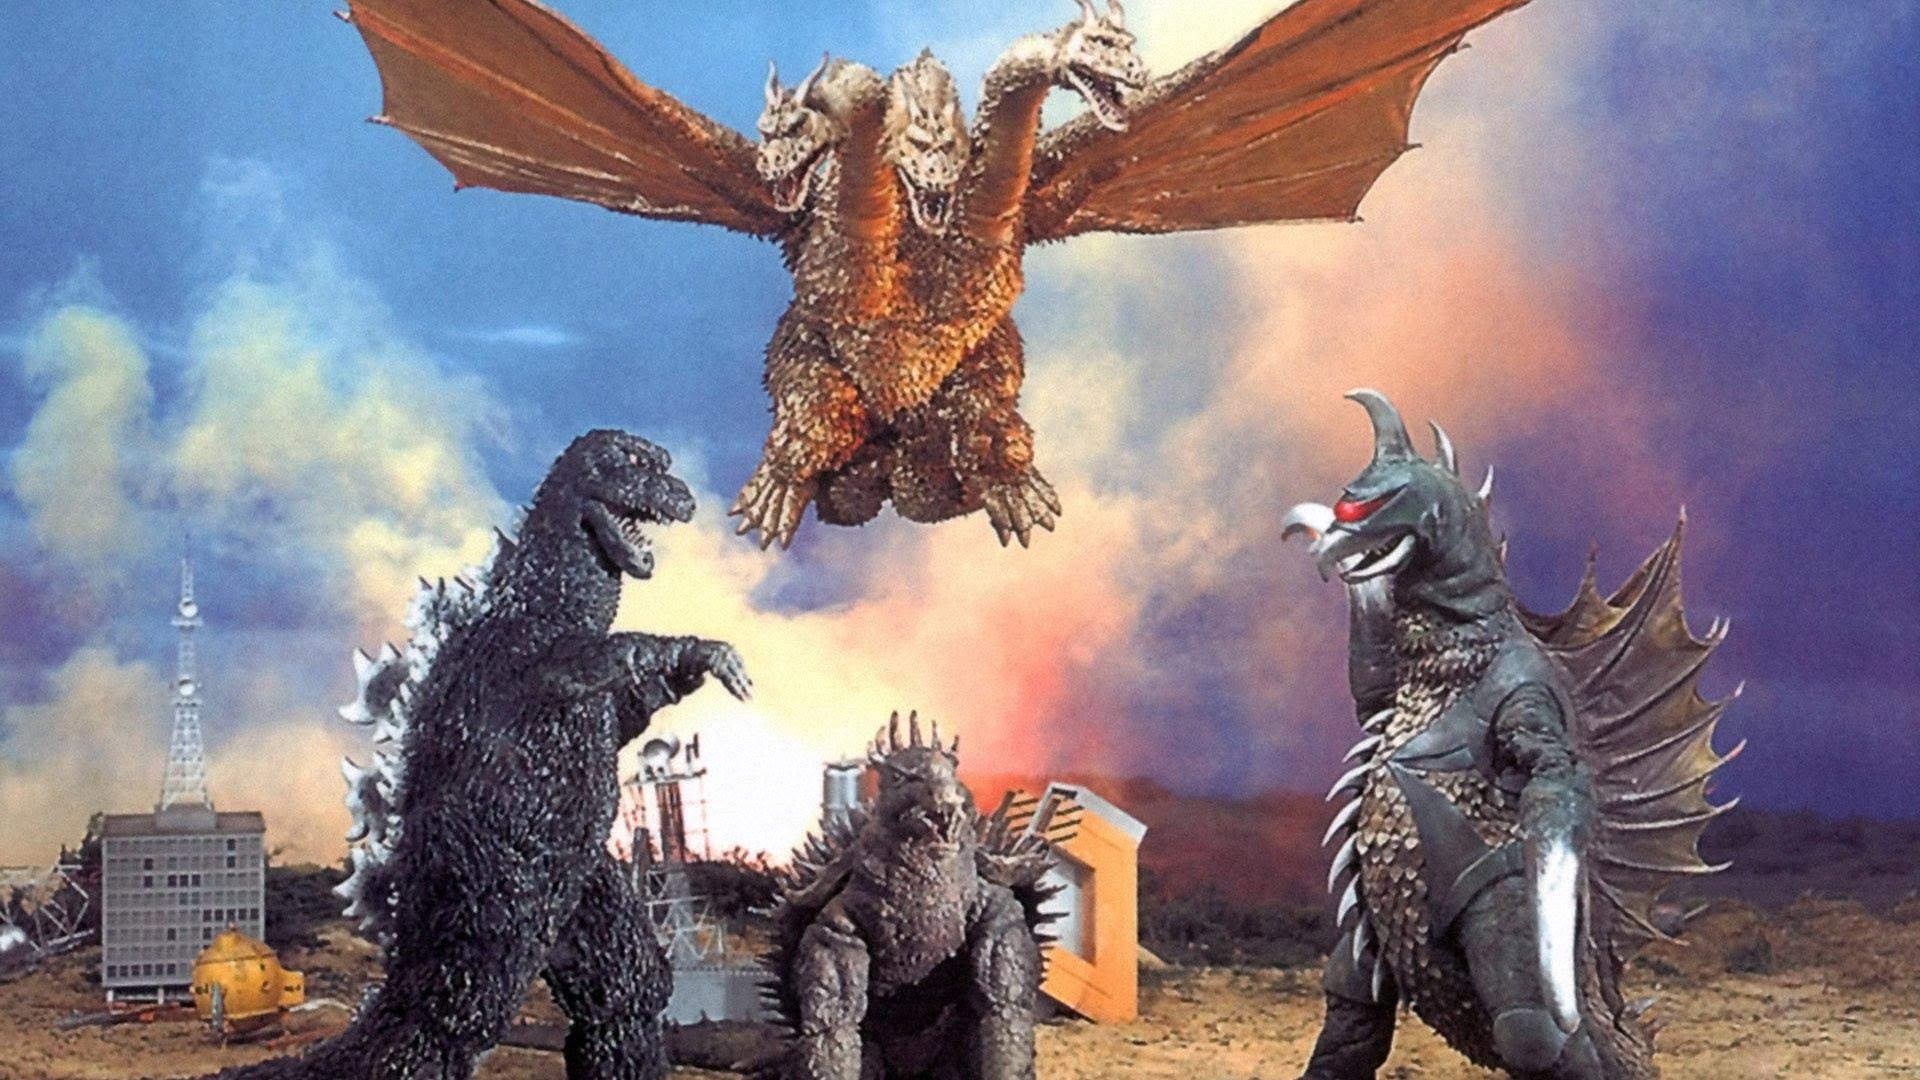 TokuNet Film Club: Godzilla vs Gigan